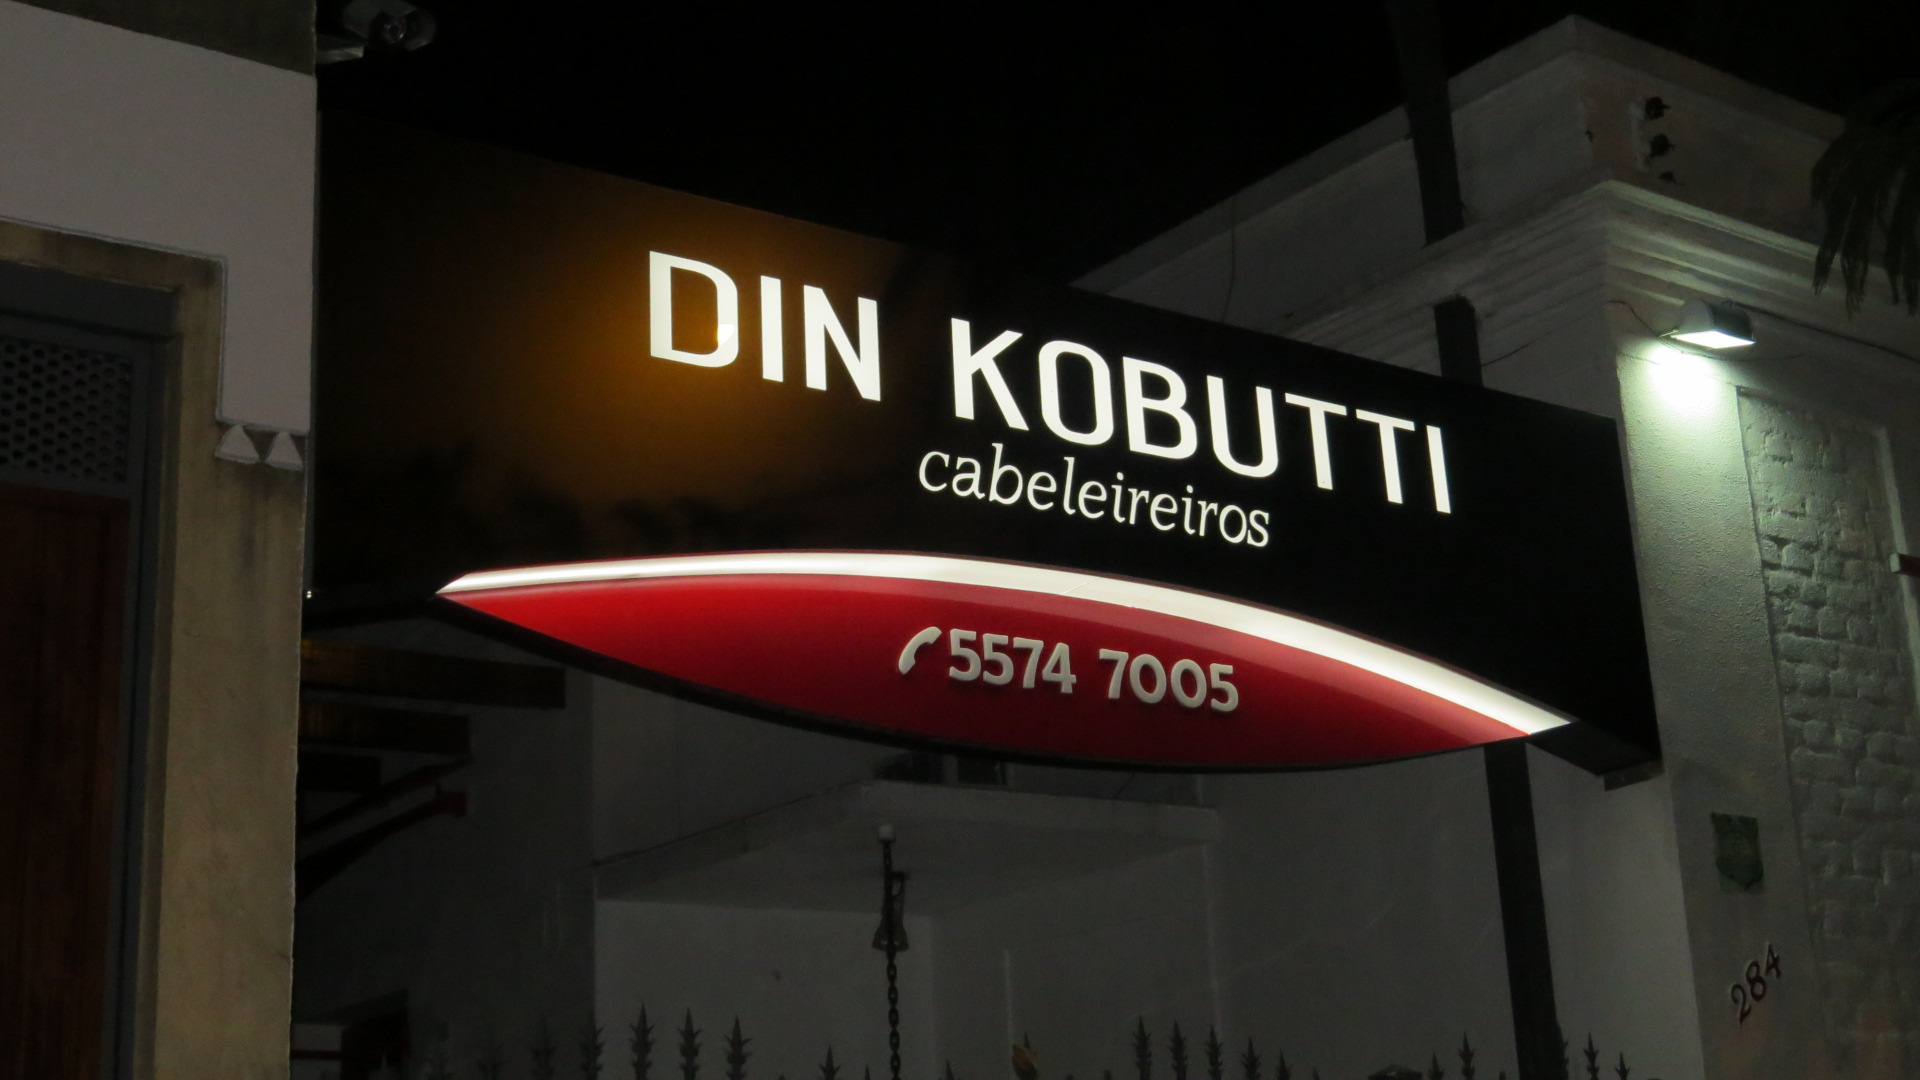 Din Kobutti (2)